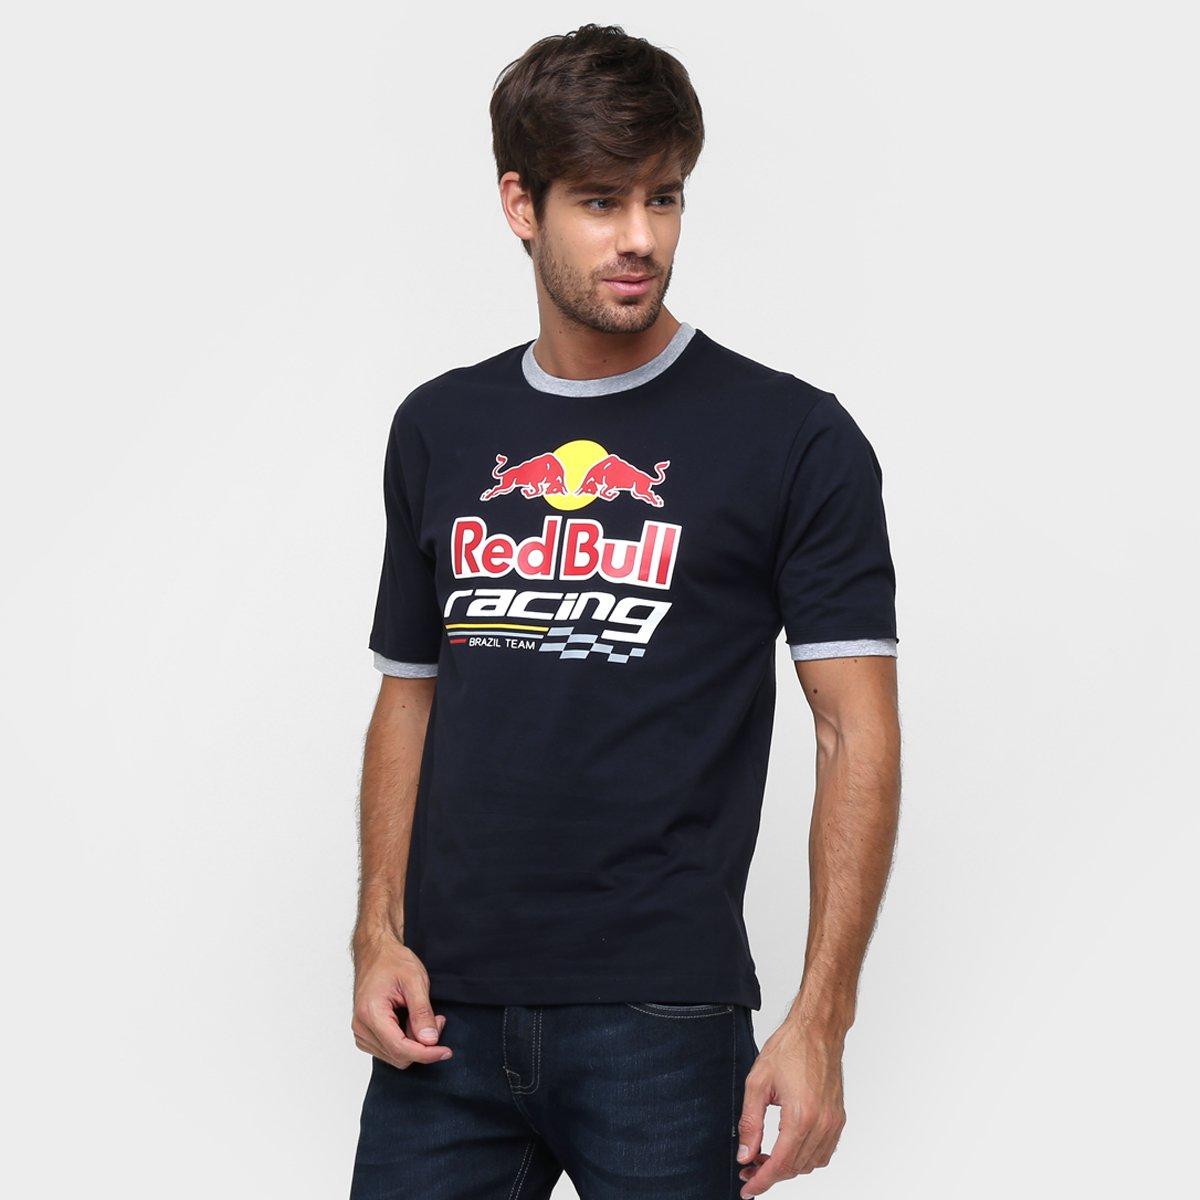 ceedb643b4398 Camiseta Red Bull Sc Logo Details - Marinho. até 1x de R  69